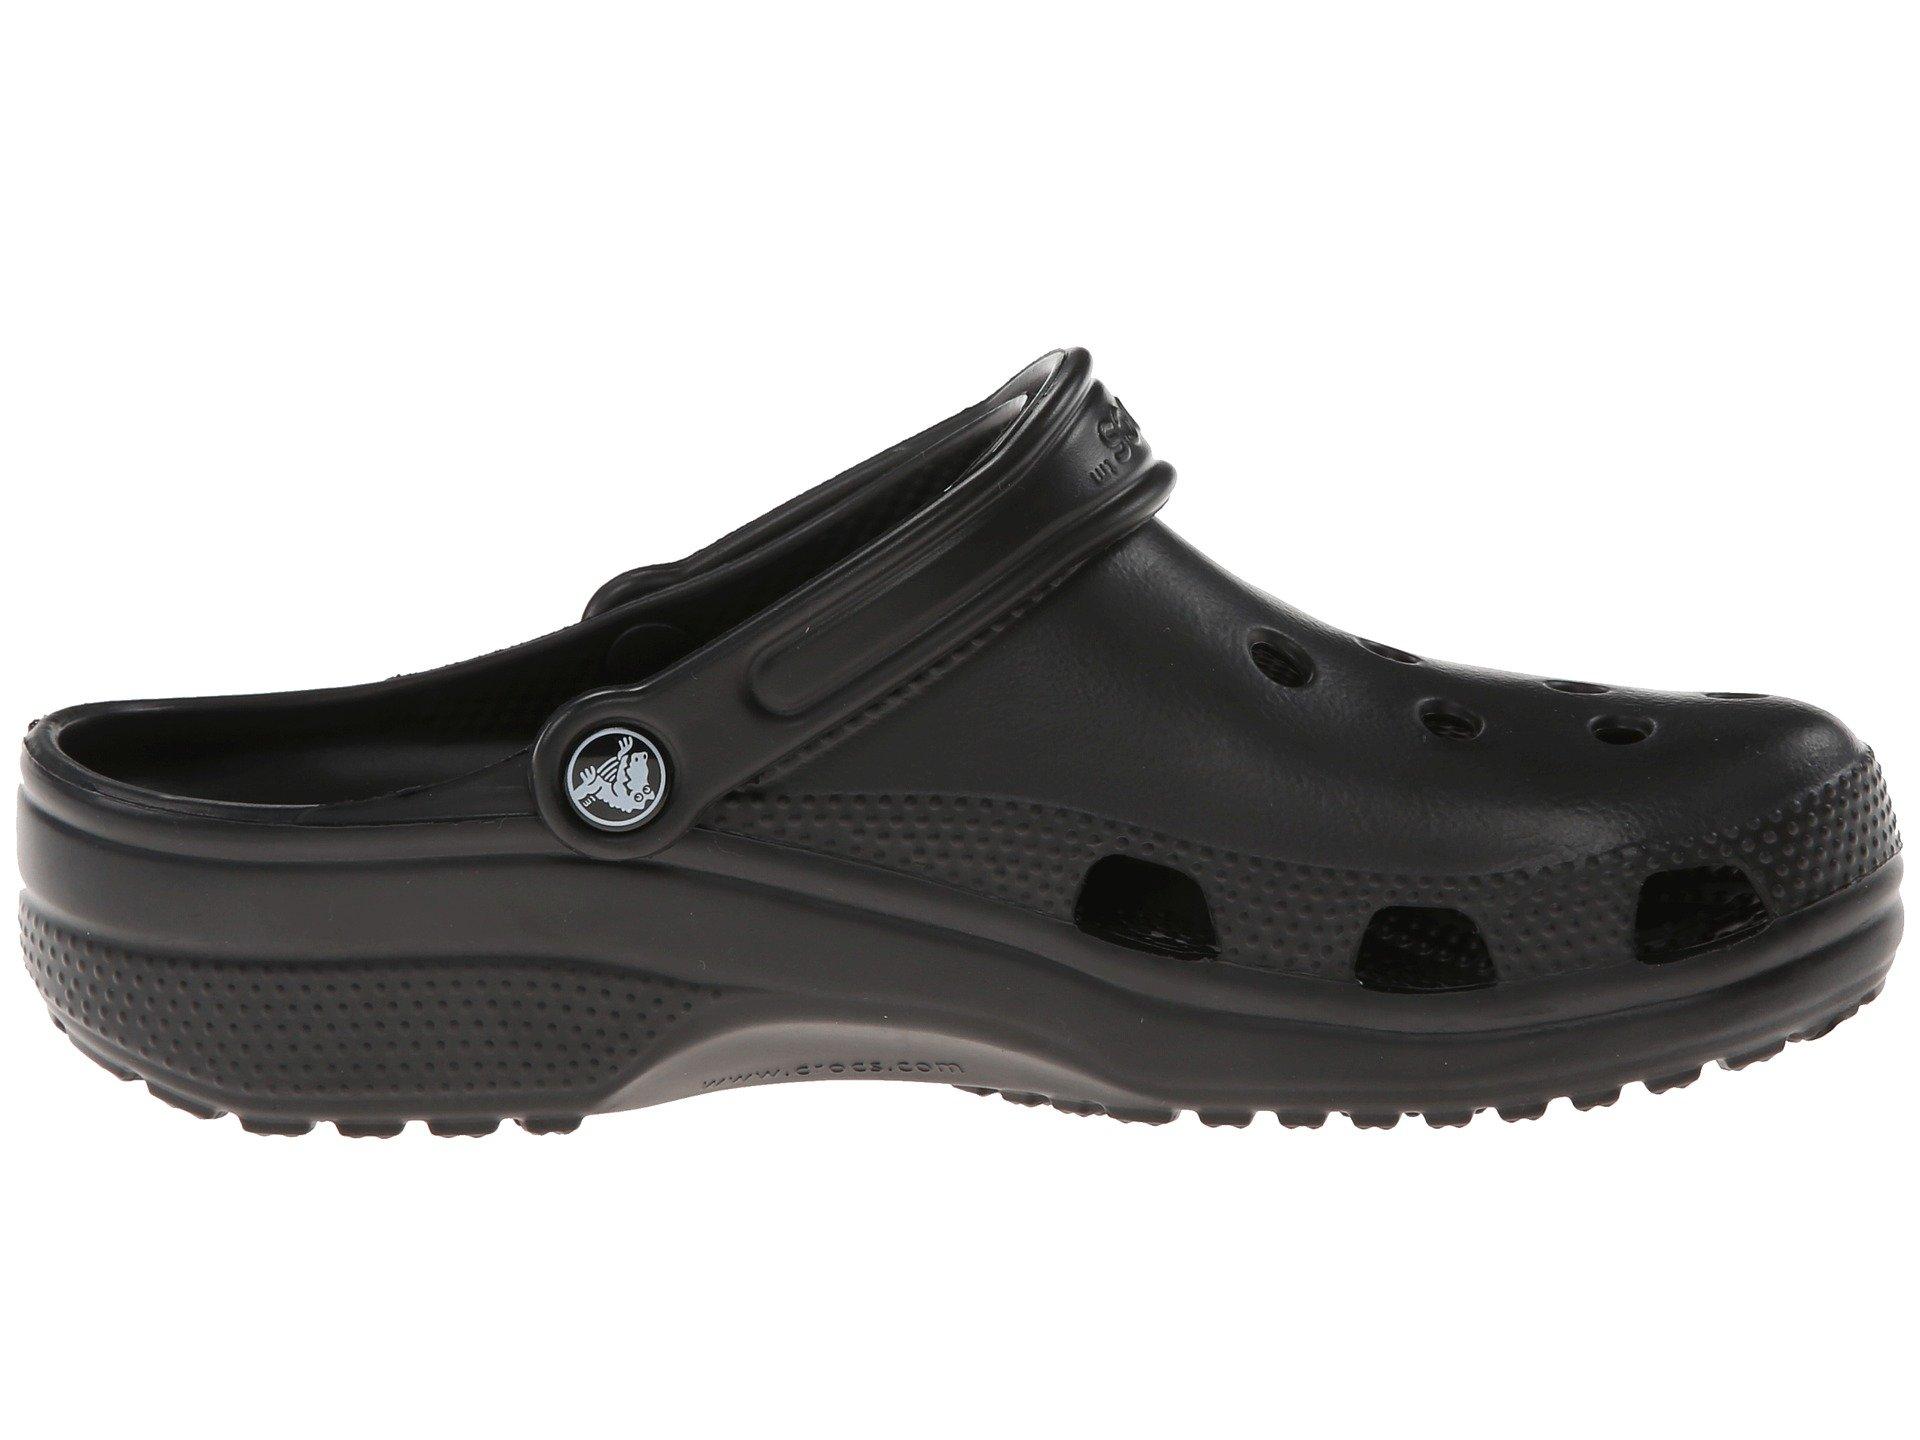 931beabfc5f Crocs Classic Clog at Zappos.com